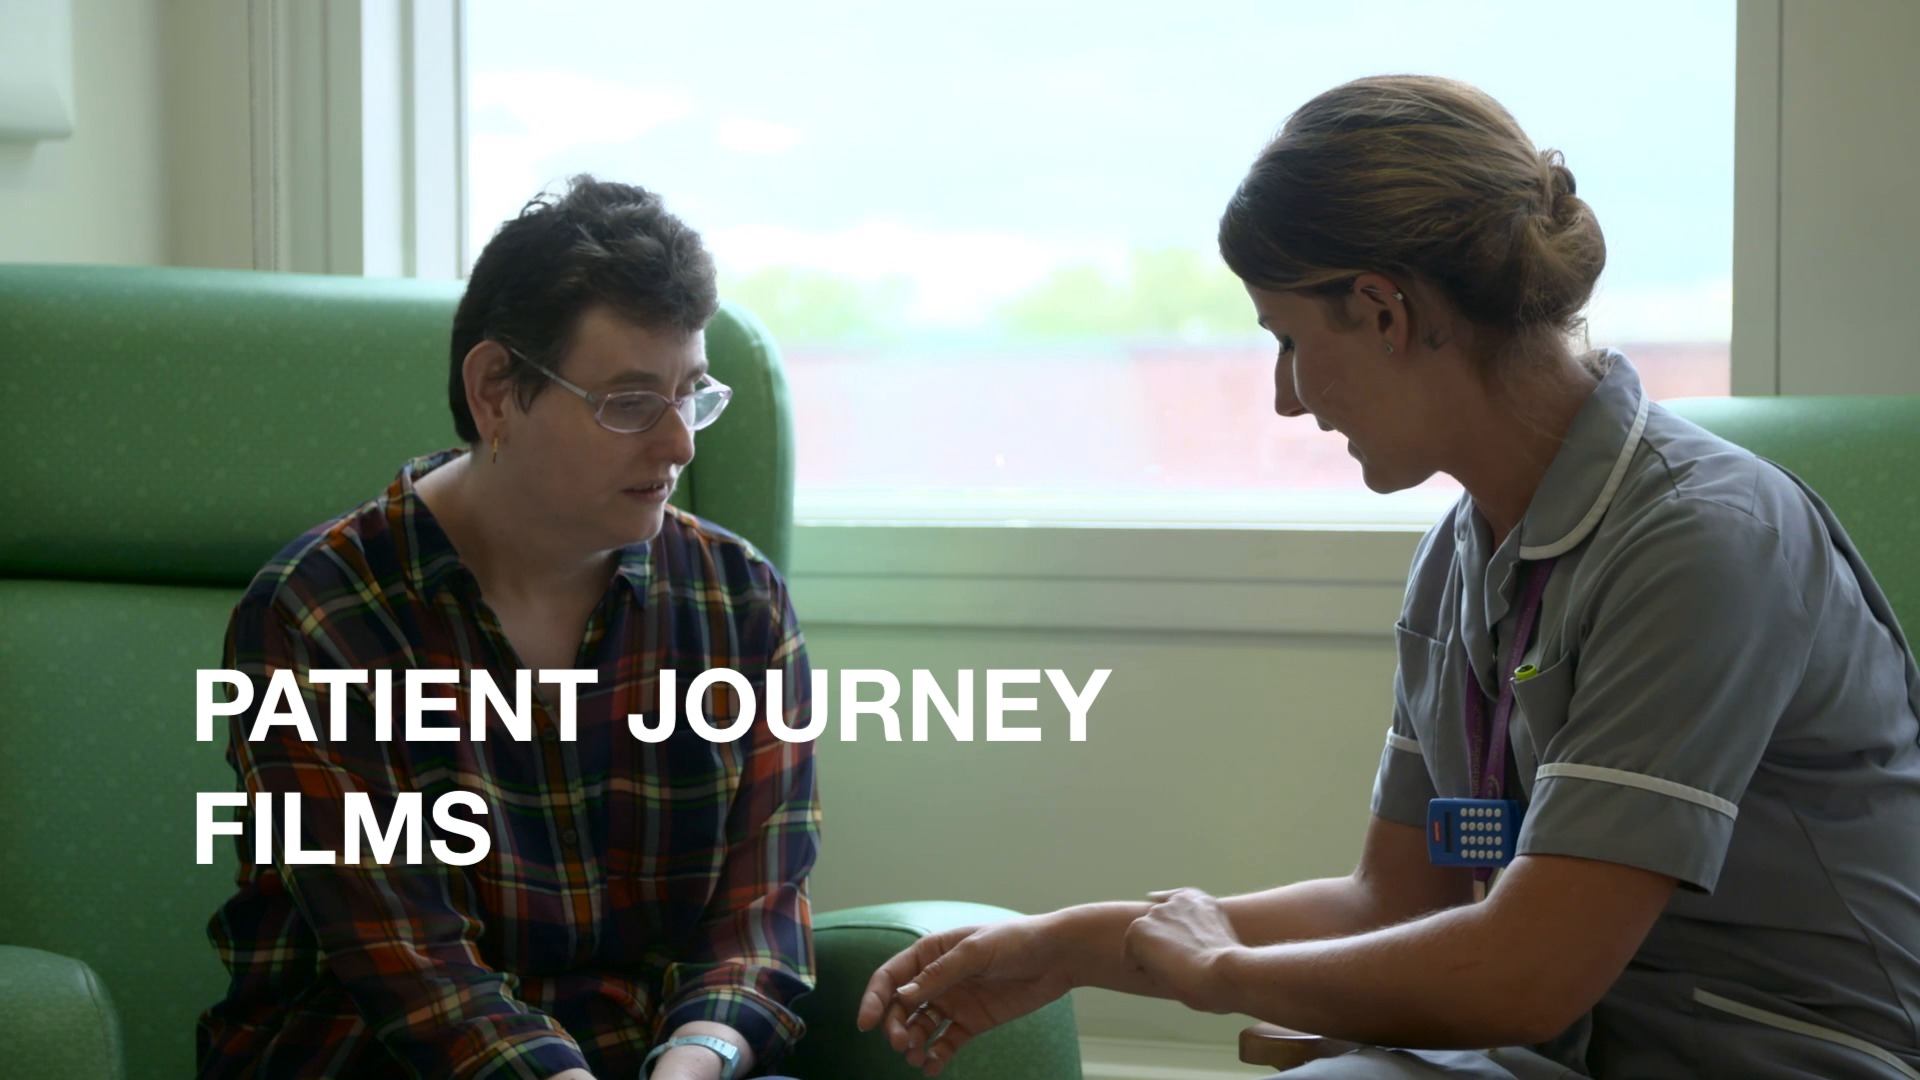 Patient Journey Films